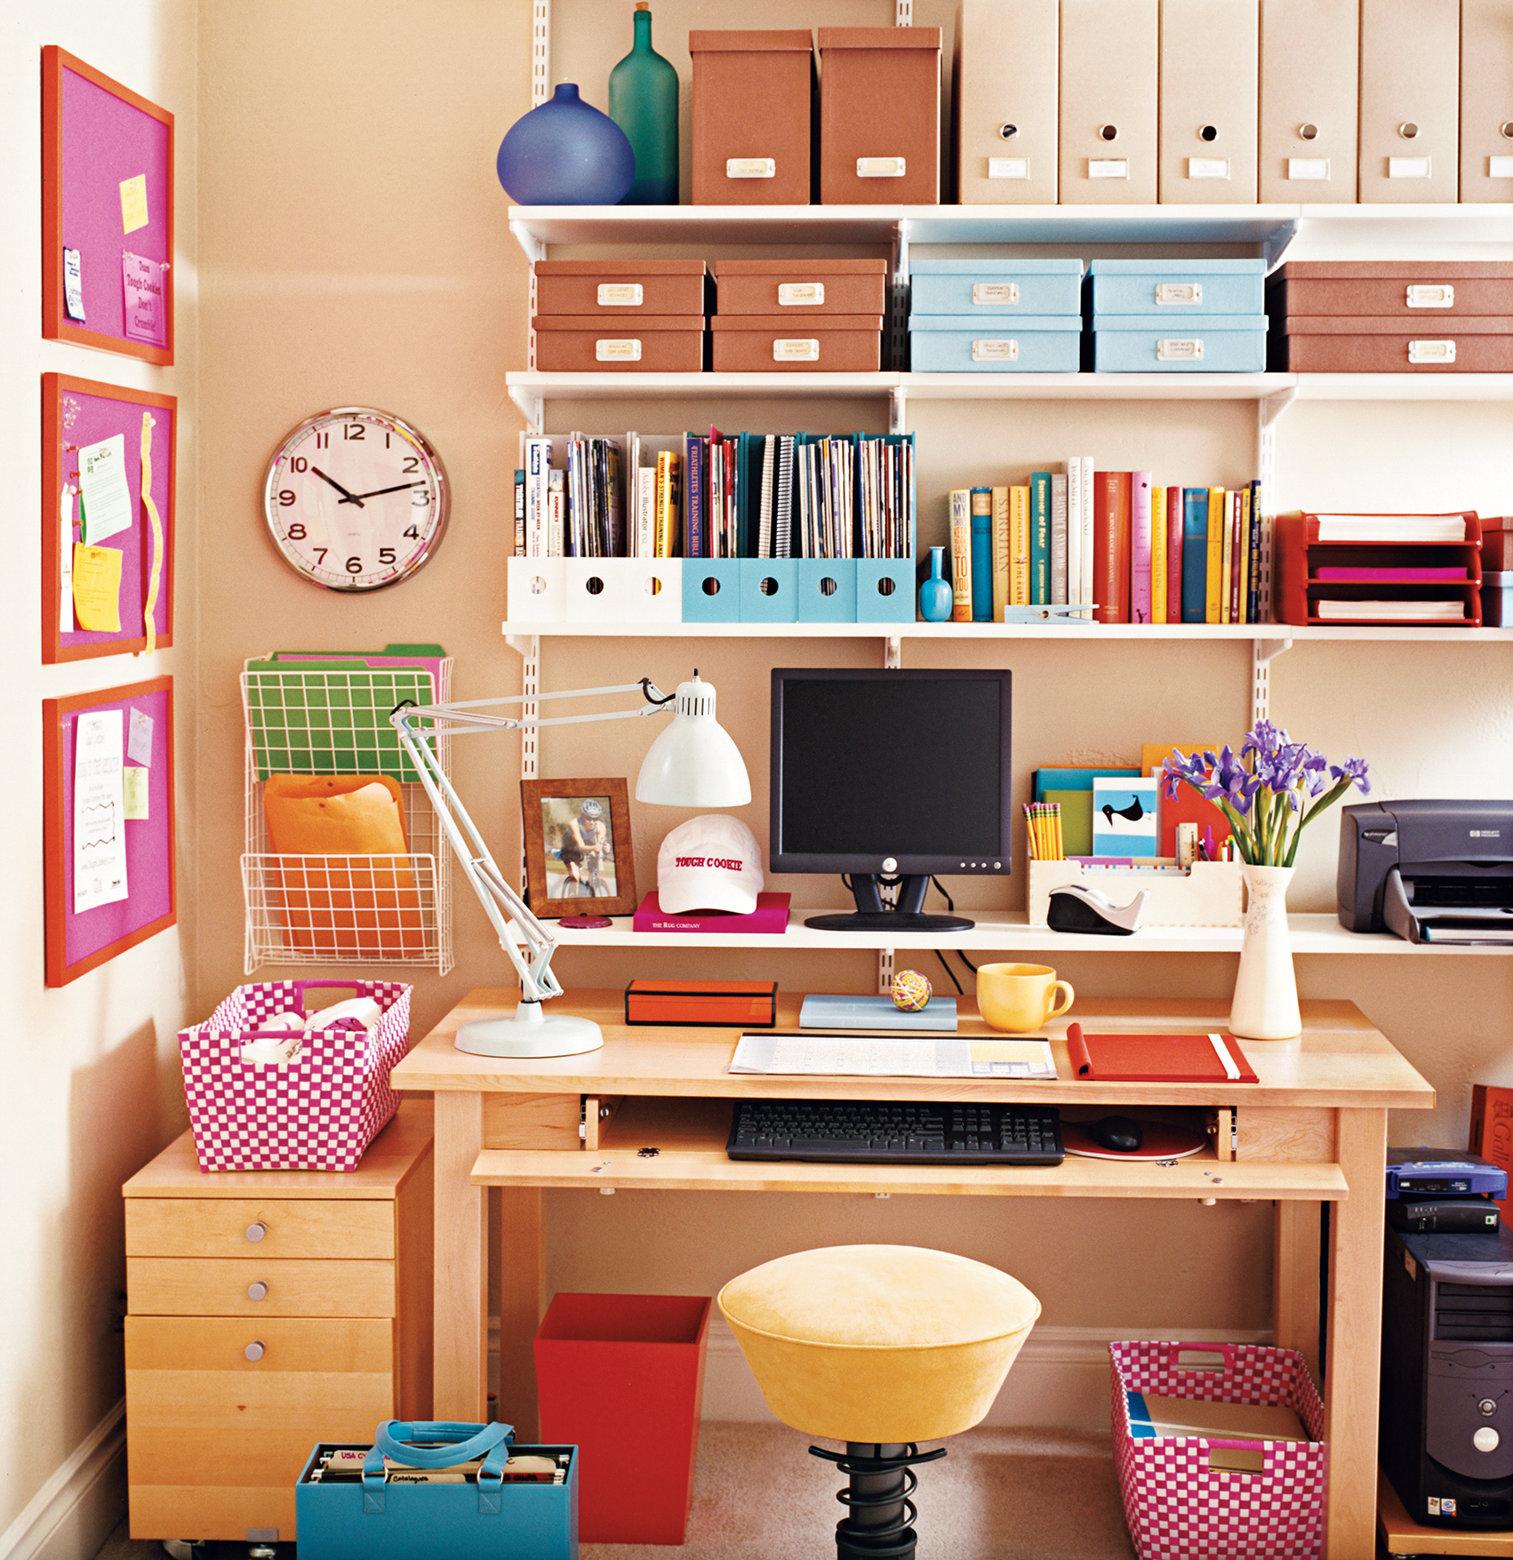 tzatzil-office-after.jpg